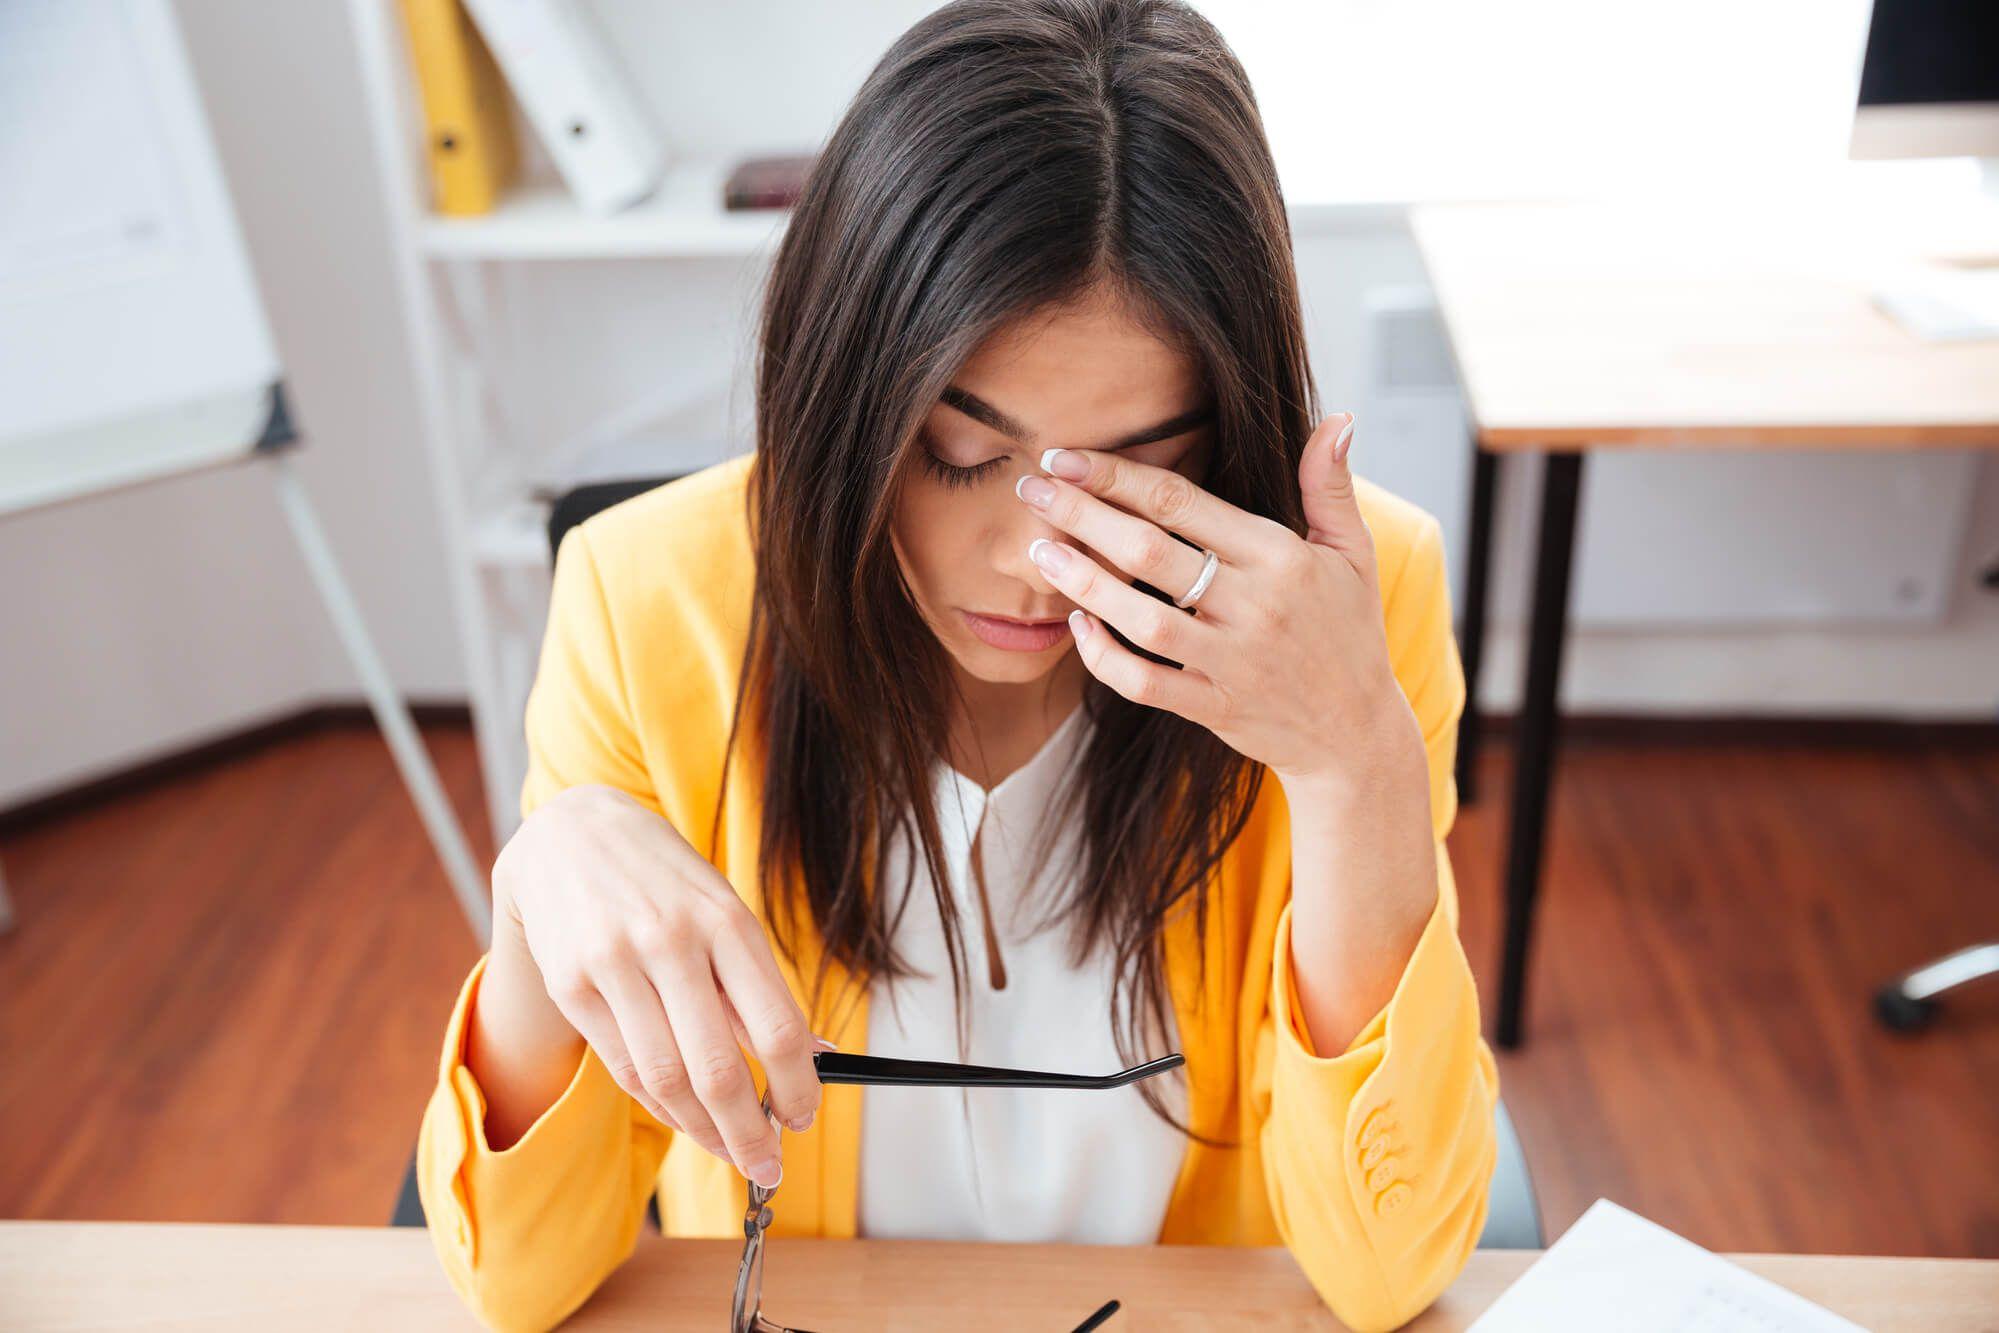 Excesso de trabalho: 6 sinais de que você está sobrecarregado!